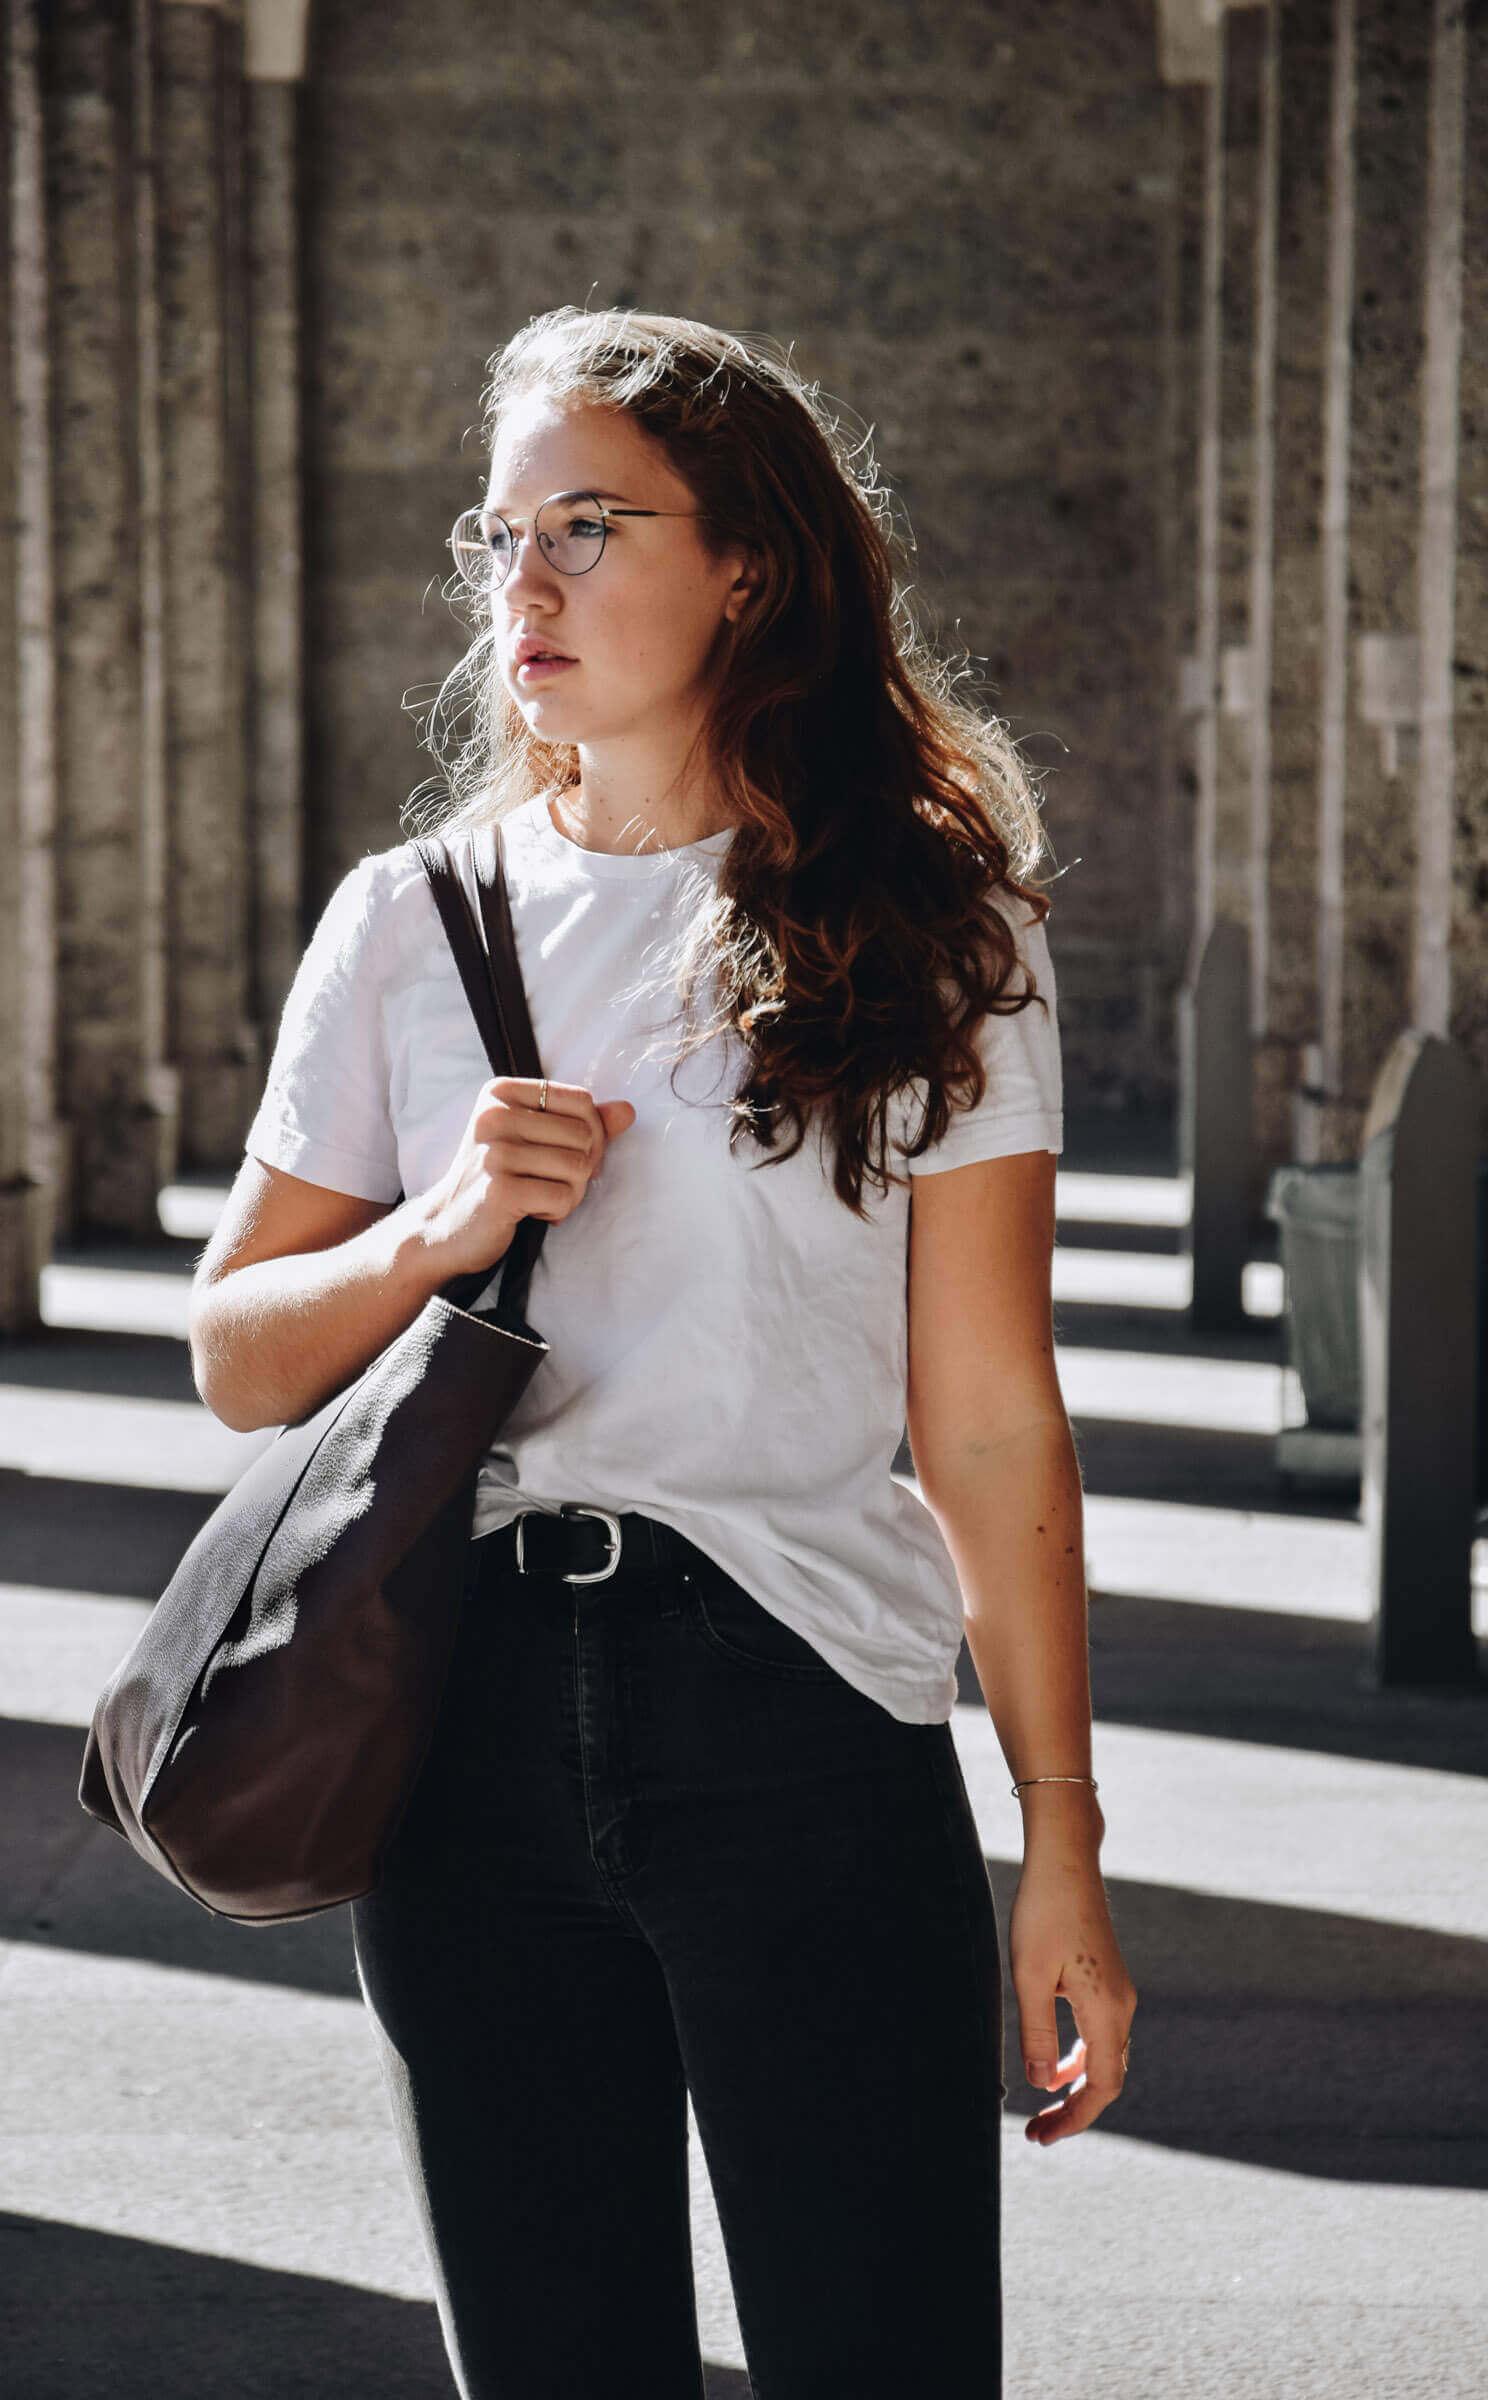 Endlich gibt es unsere hochwertige Tasche aus Leder im Verkauf, mit der du stilsicher das Alltagschaos meisterst ! Erfahre mehr zum Design.